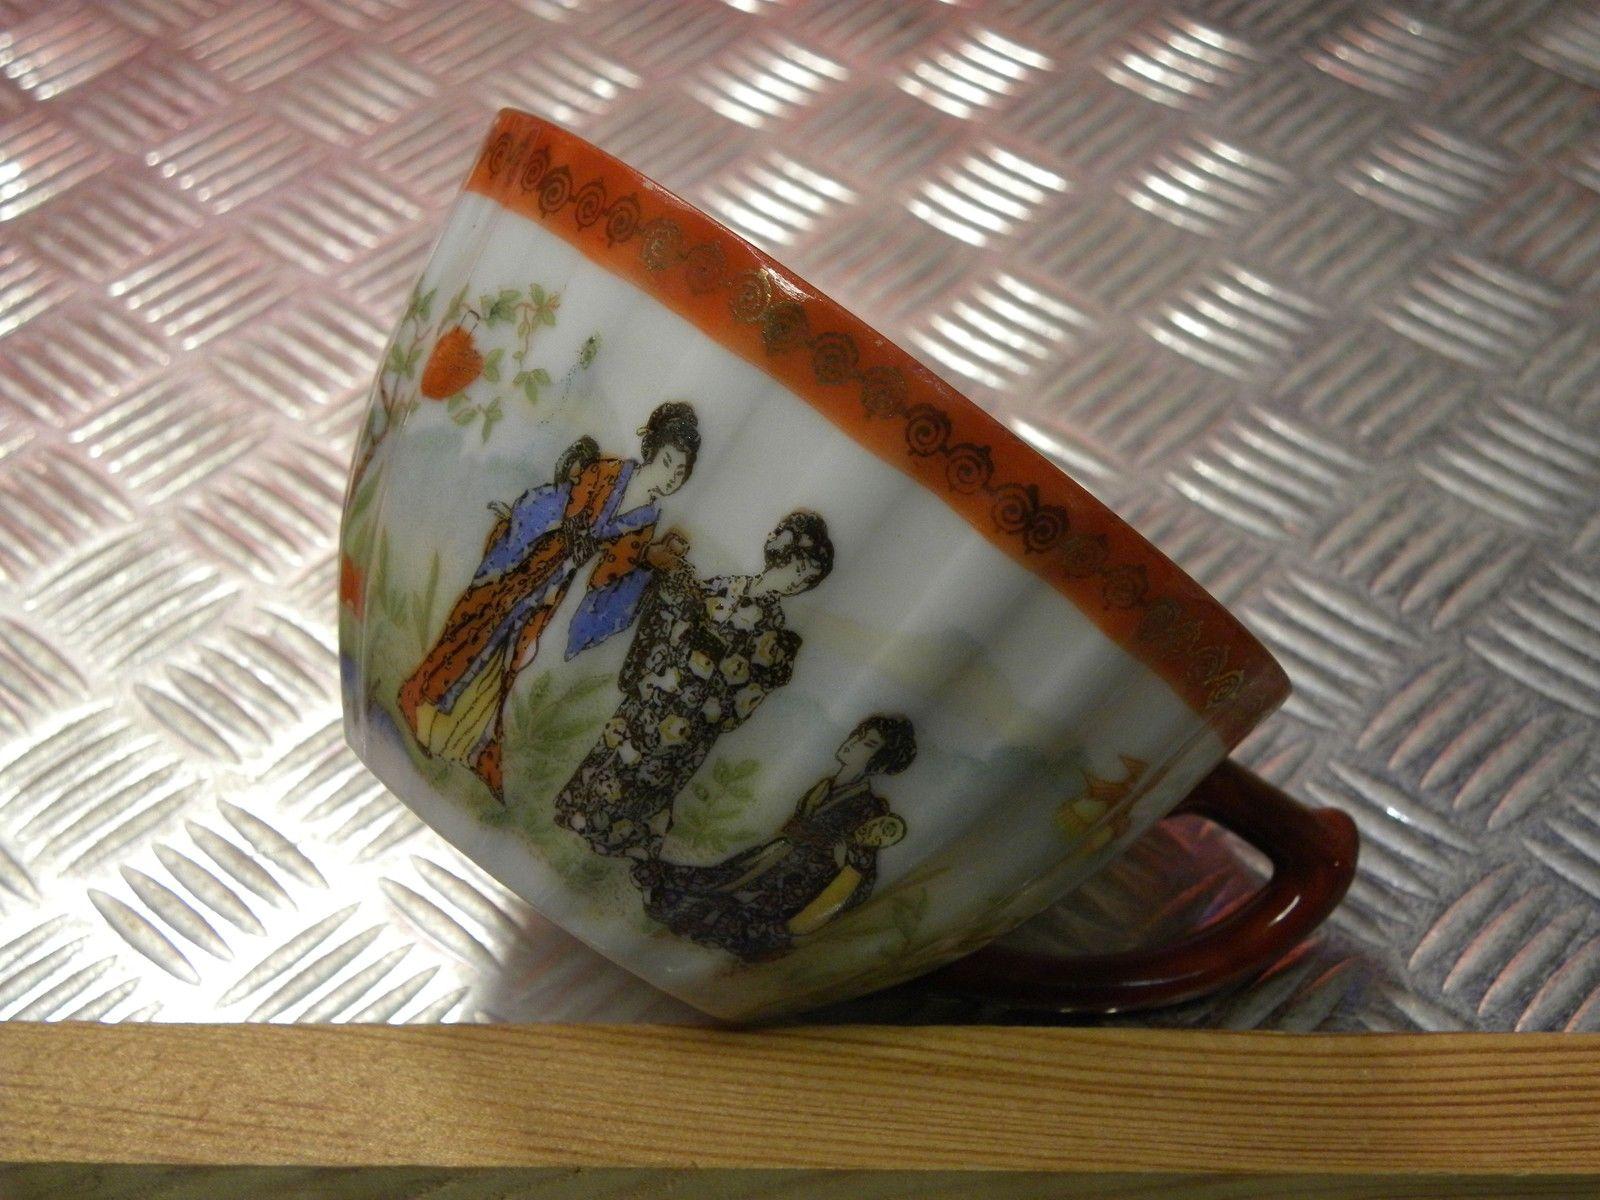 Onkel Karl's Porcelain Manufacture